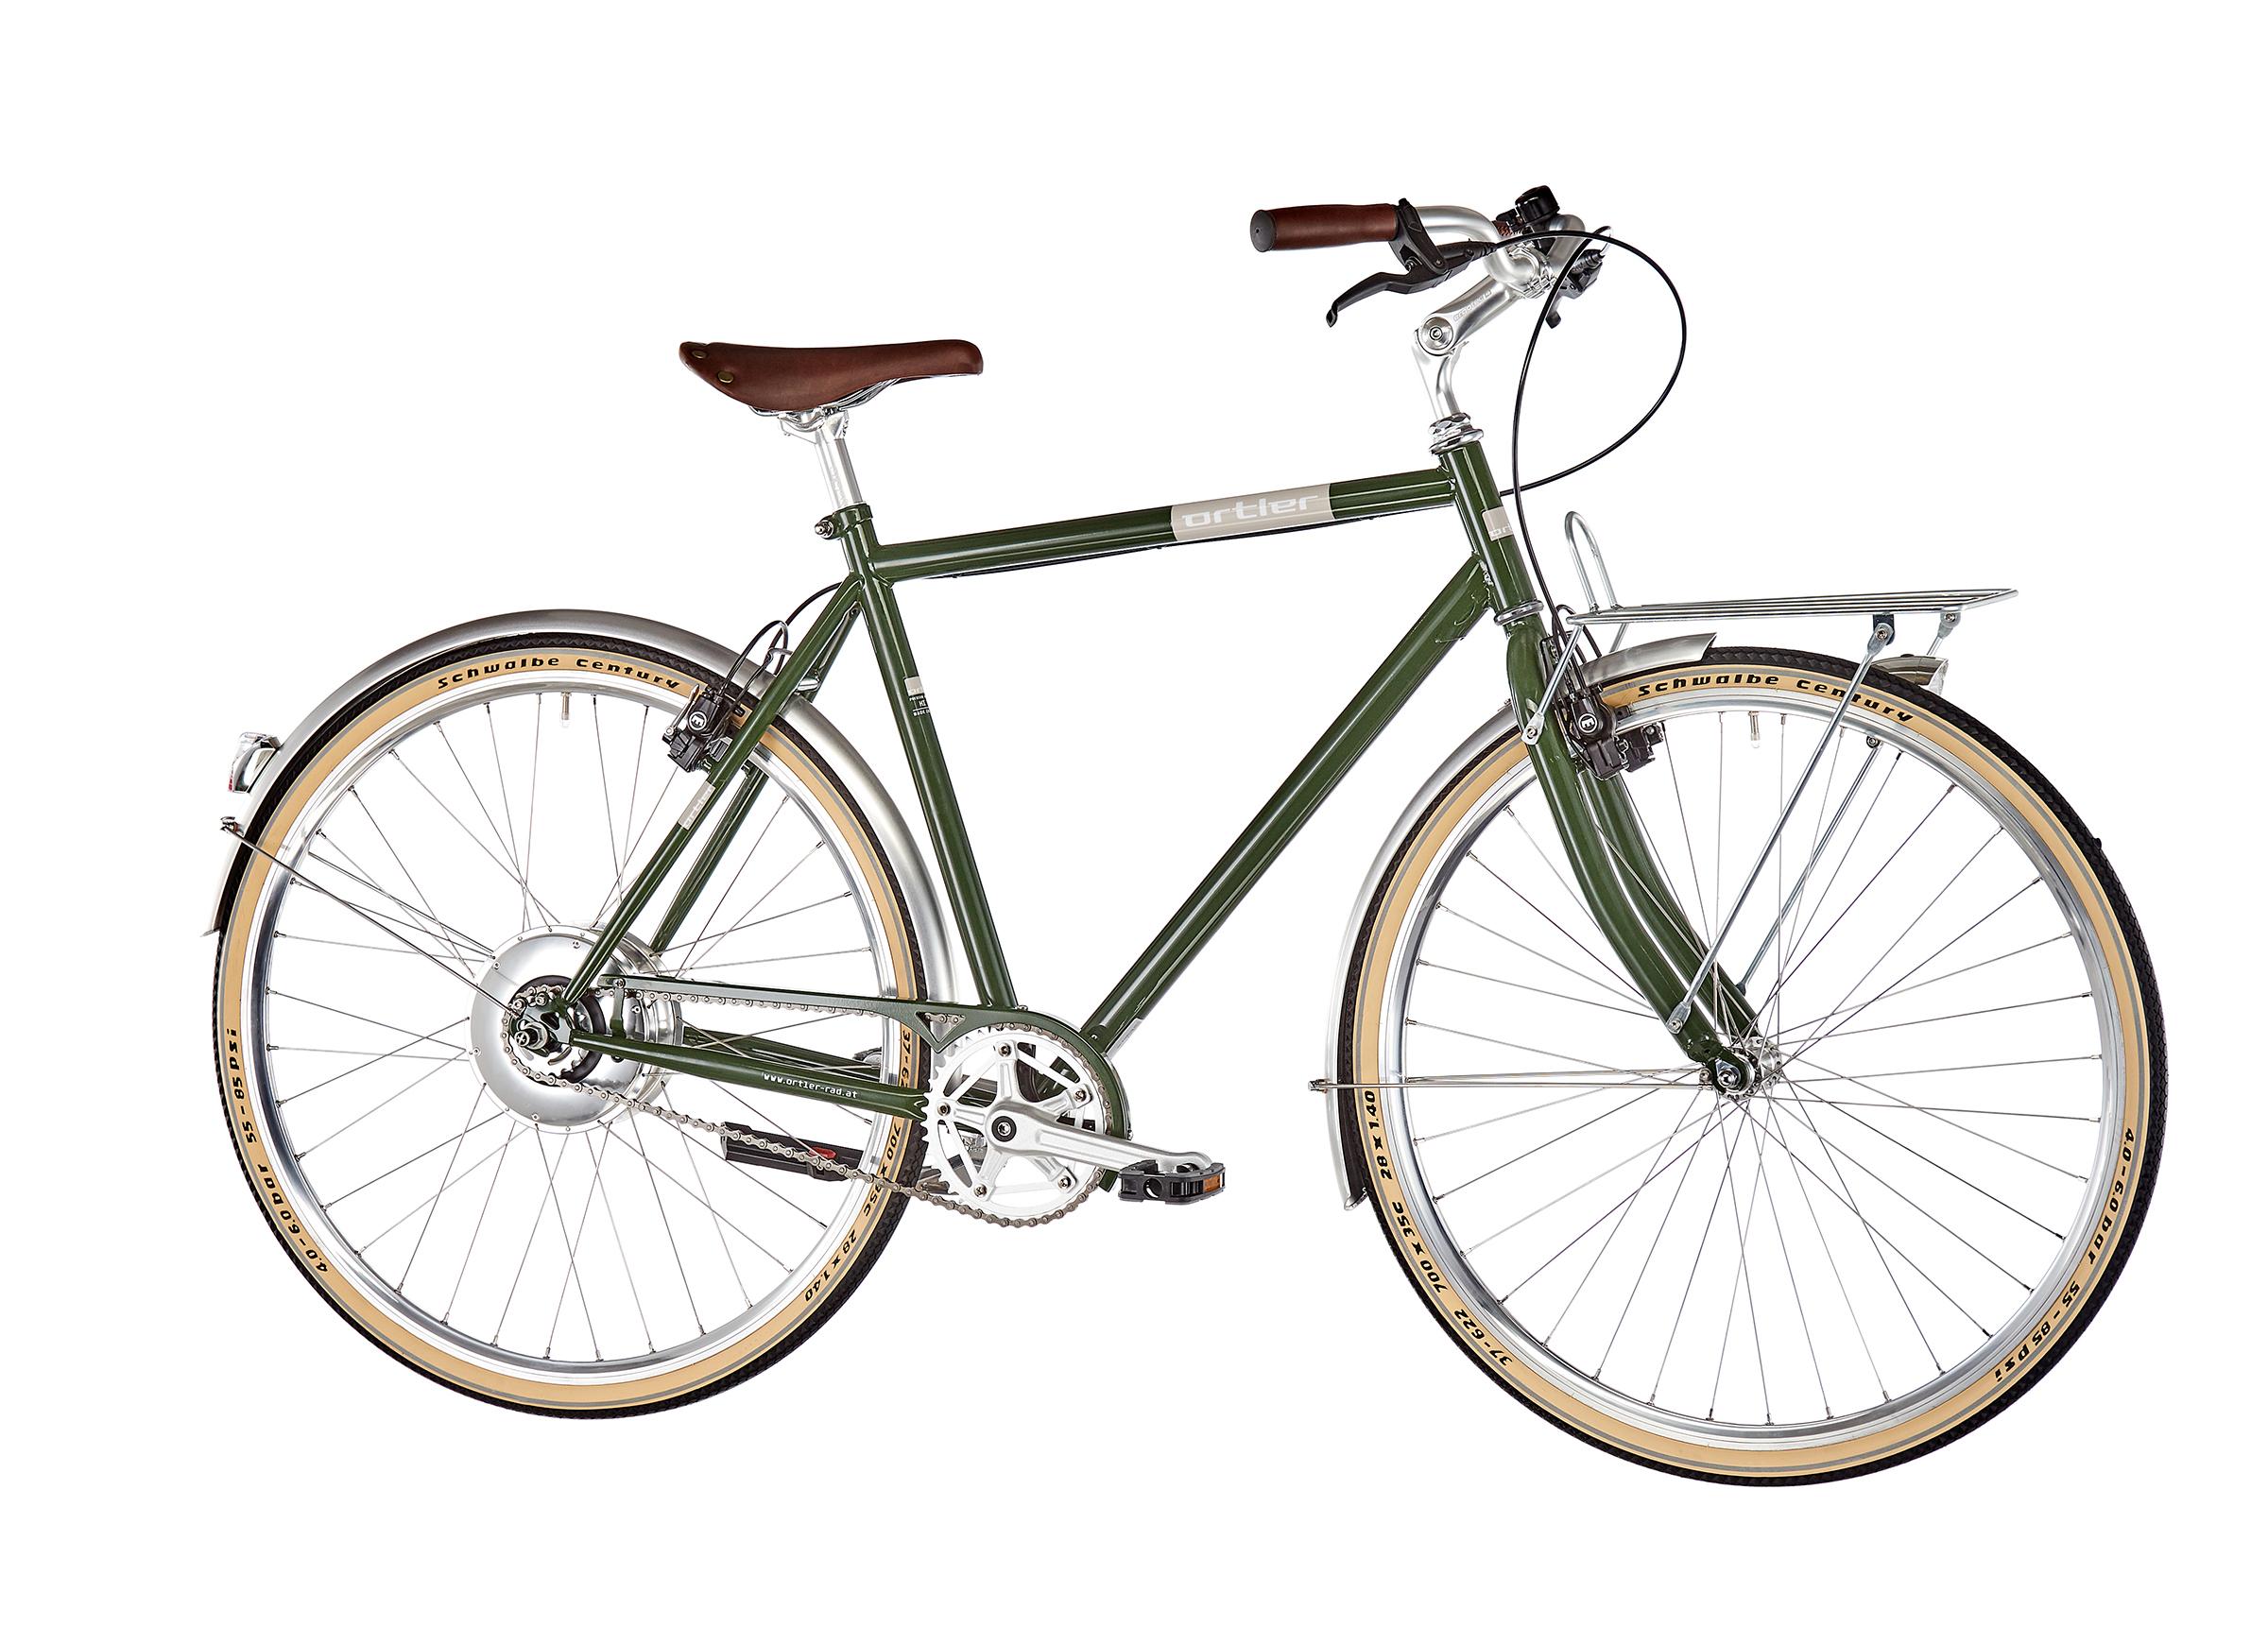 Ortler Bricktown Zehus classic green